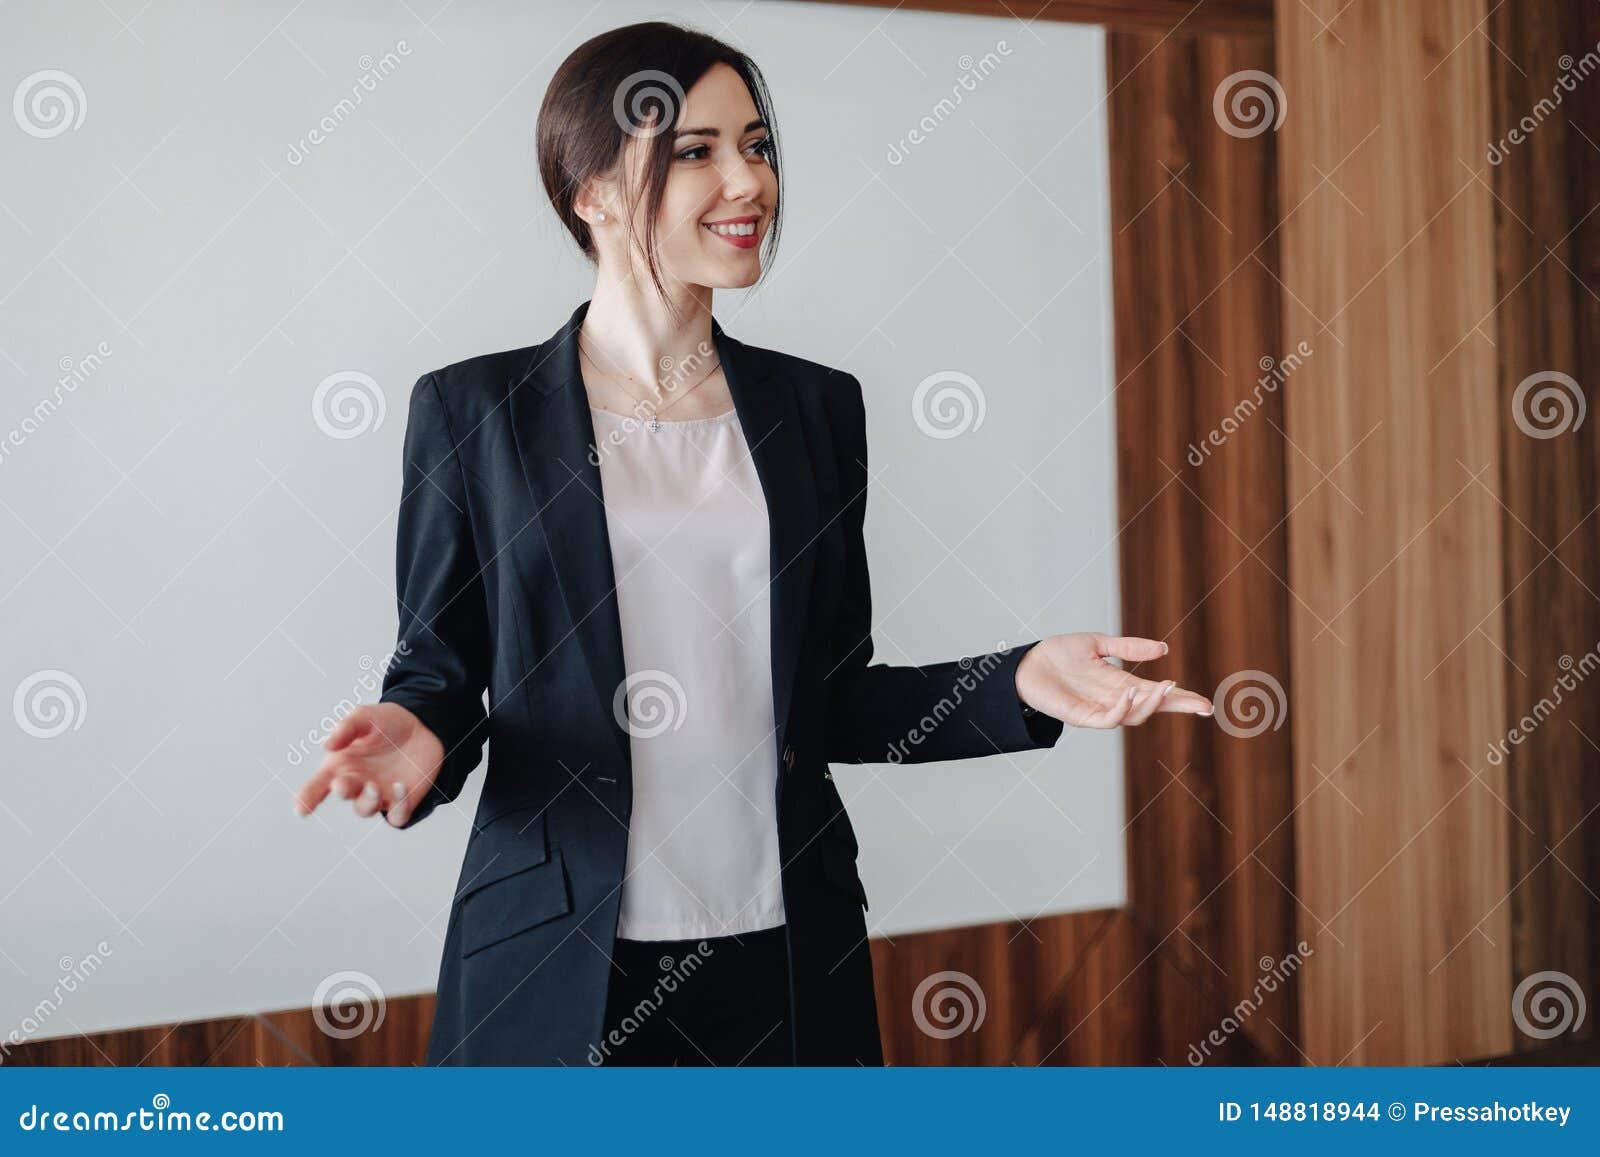 Ung attraktiv emotionell flicka i aff?r-stil kl?der p? en vanlig vit bakgrund i ett kontor eller ?h?rare